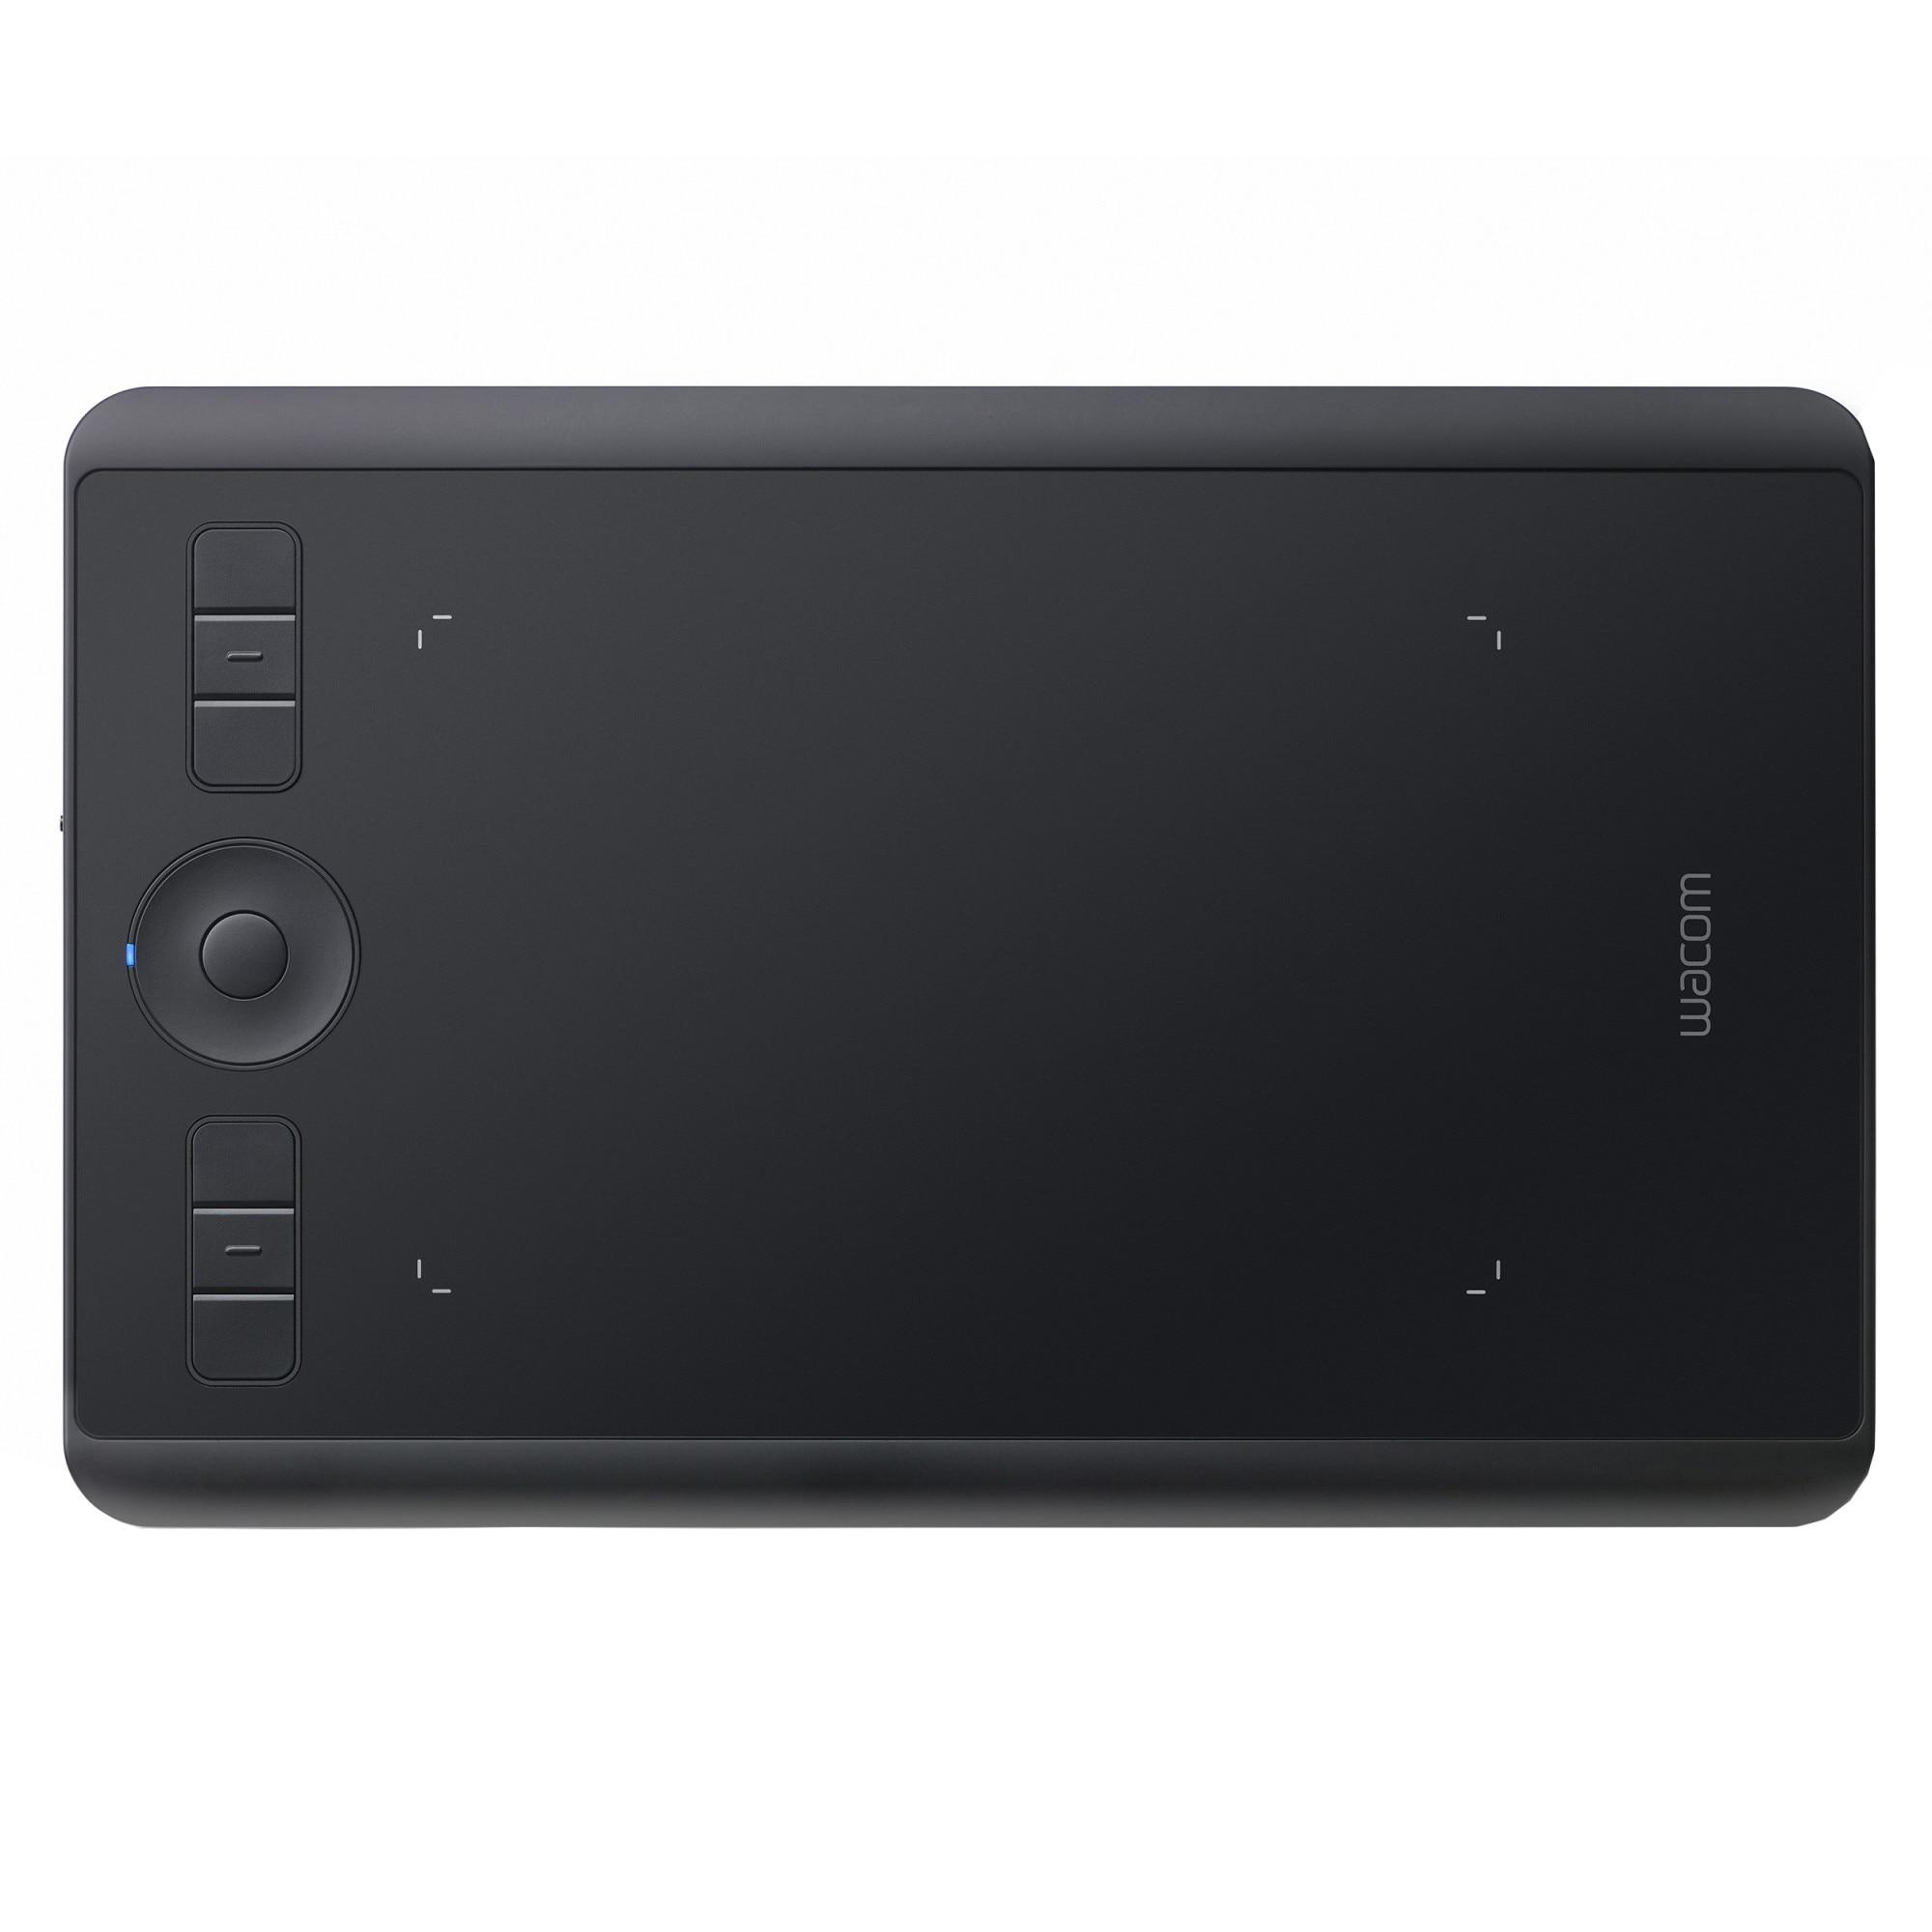 Fotografie Tableta grafica Wacom Intuos Pro S, Bluetooth, Negru